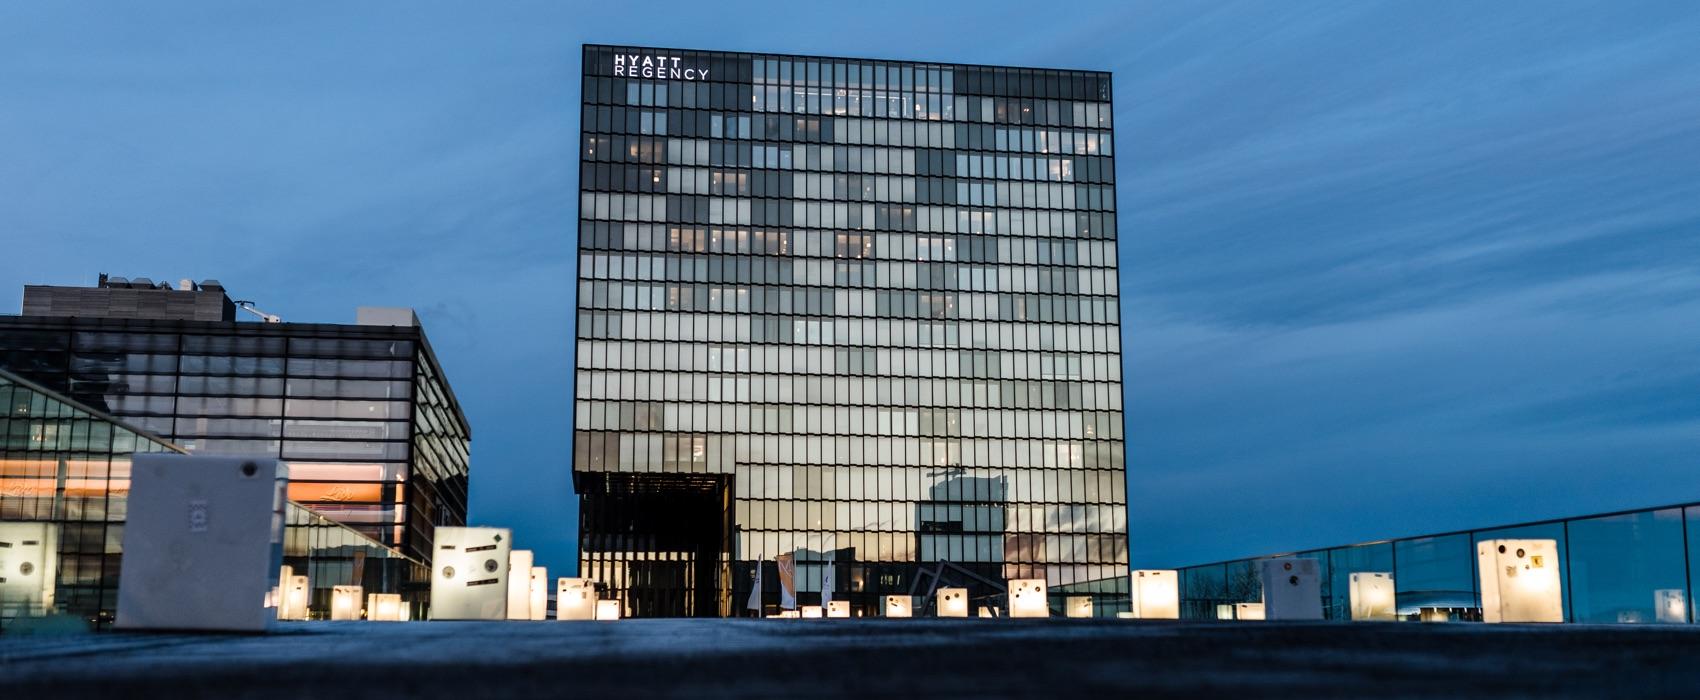 Blick auf das Hyatt Regency Hotel in Düsseldorf.